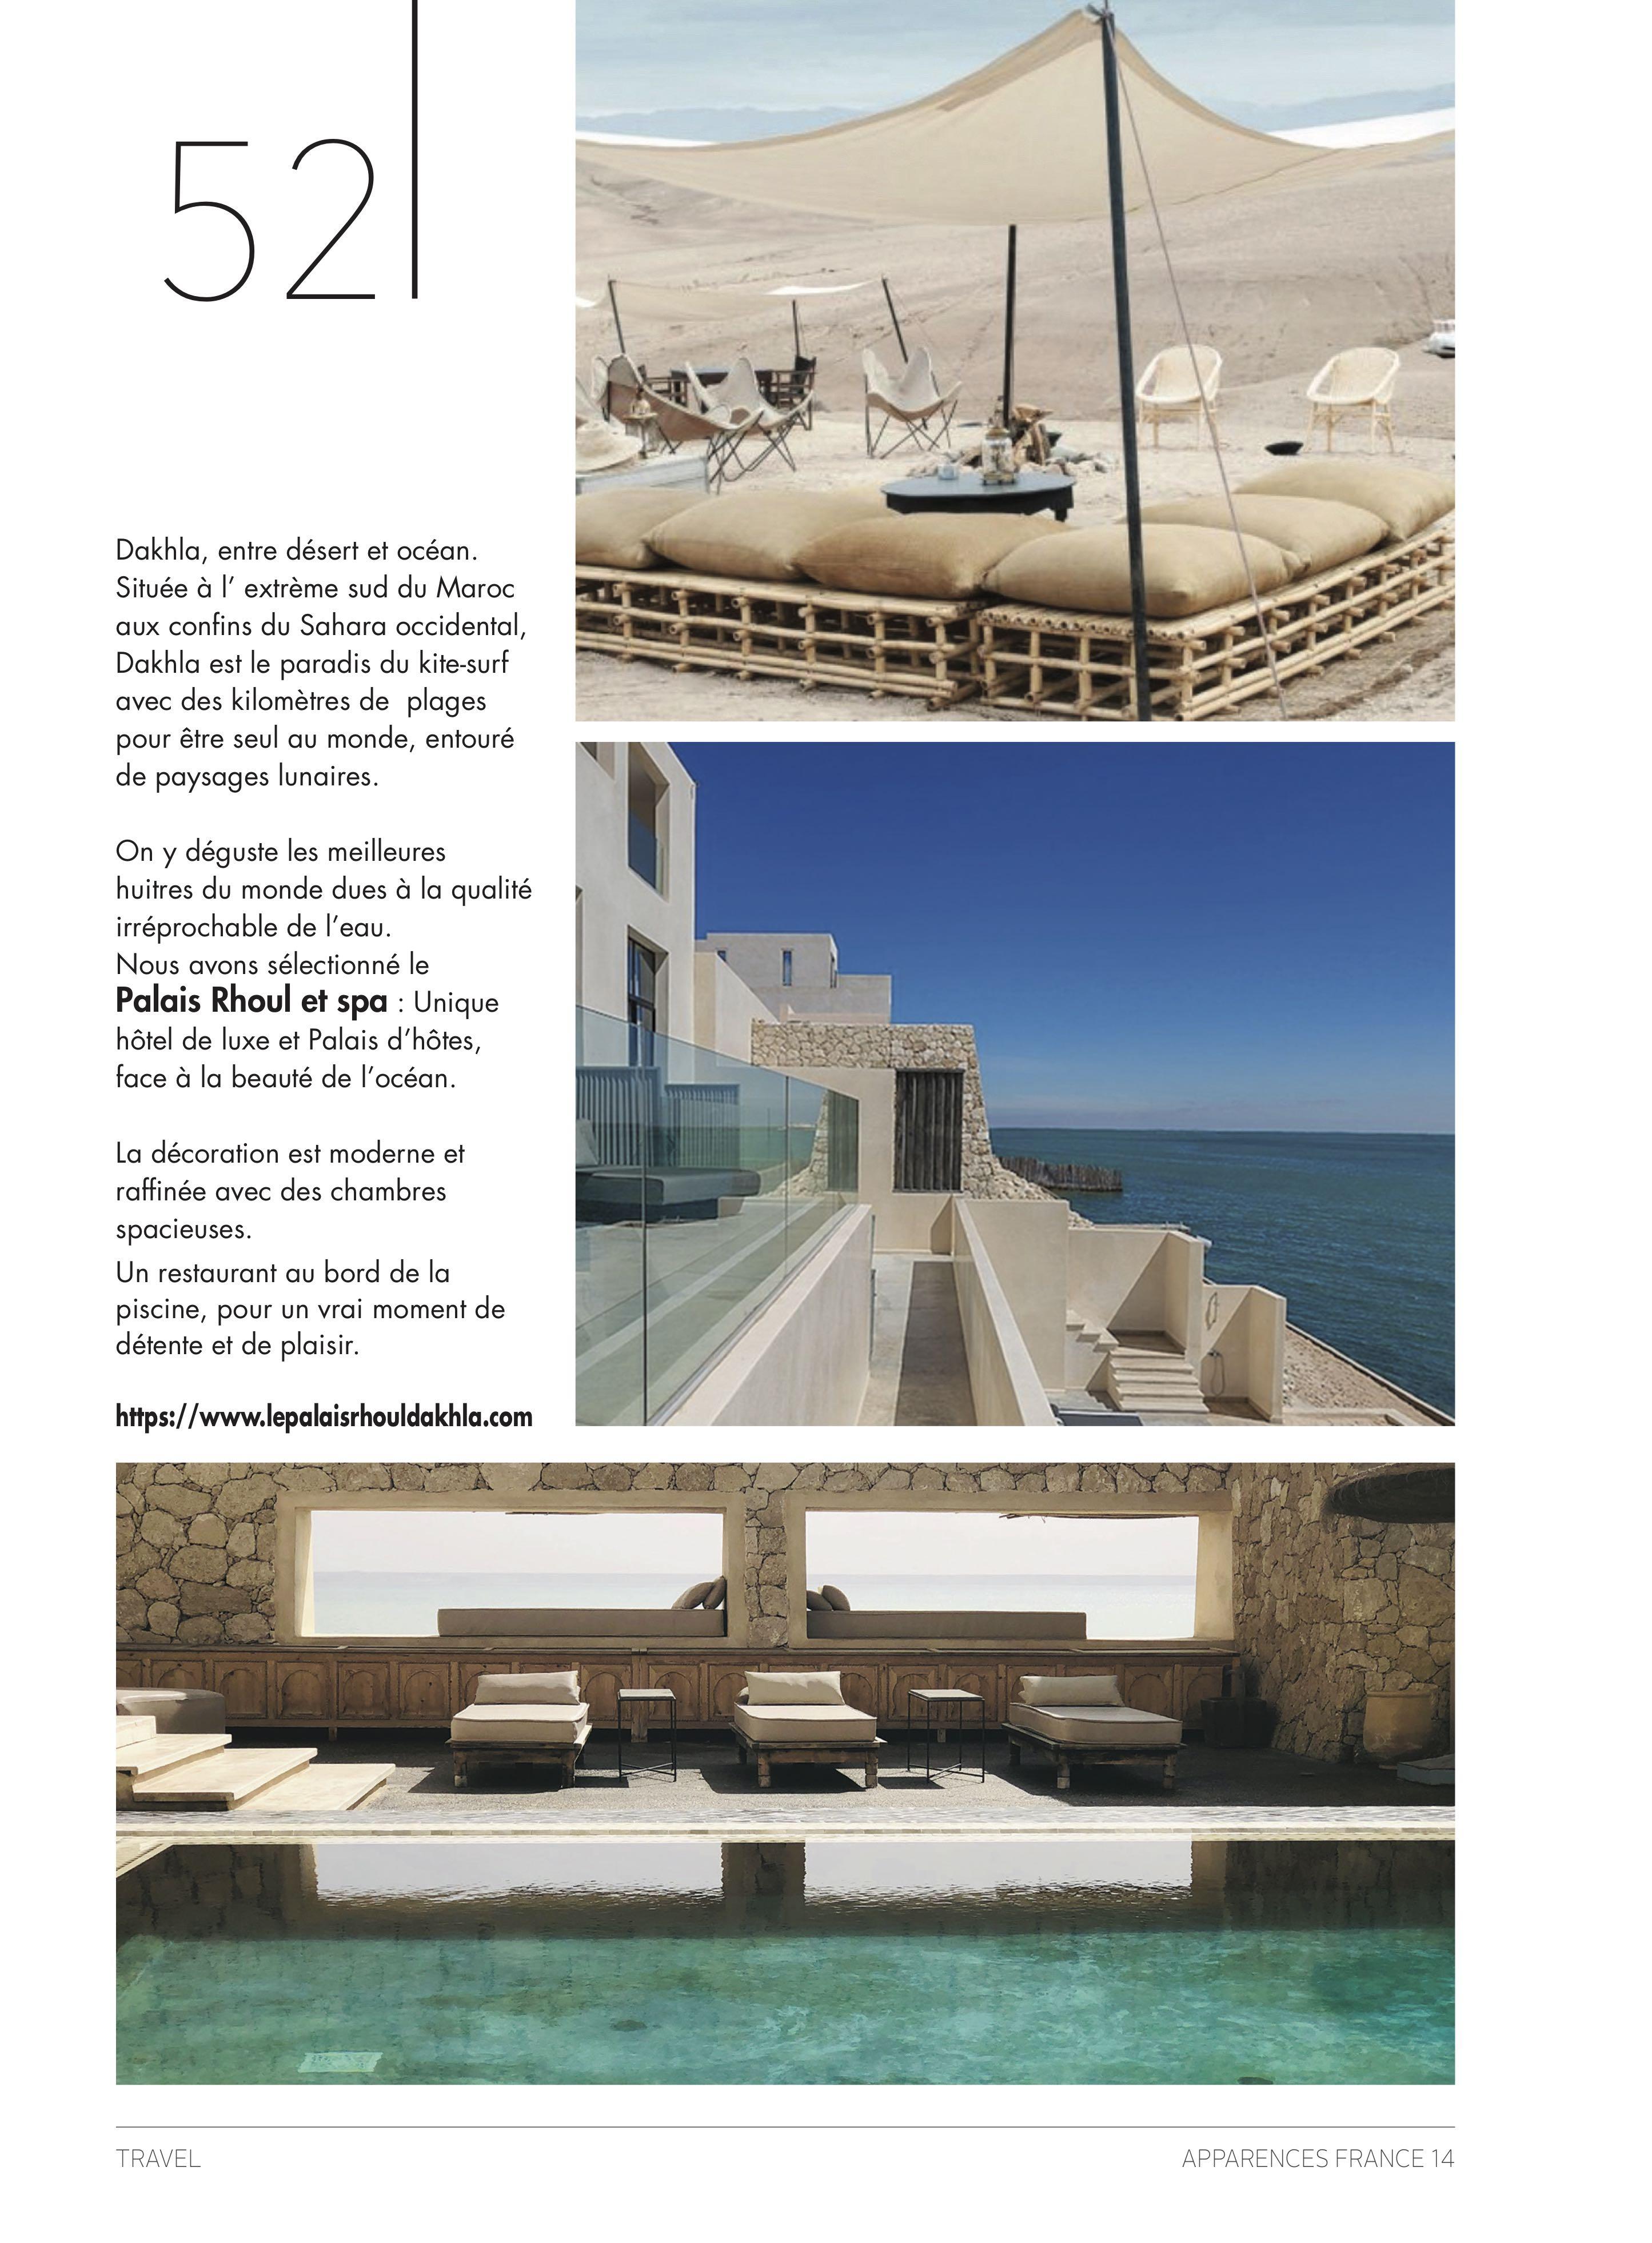 Le Palais Rhoul Dakhla | hotel spa